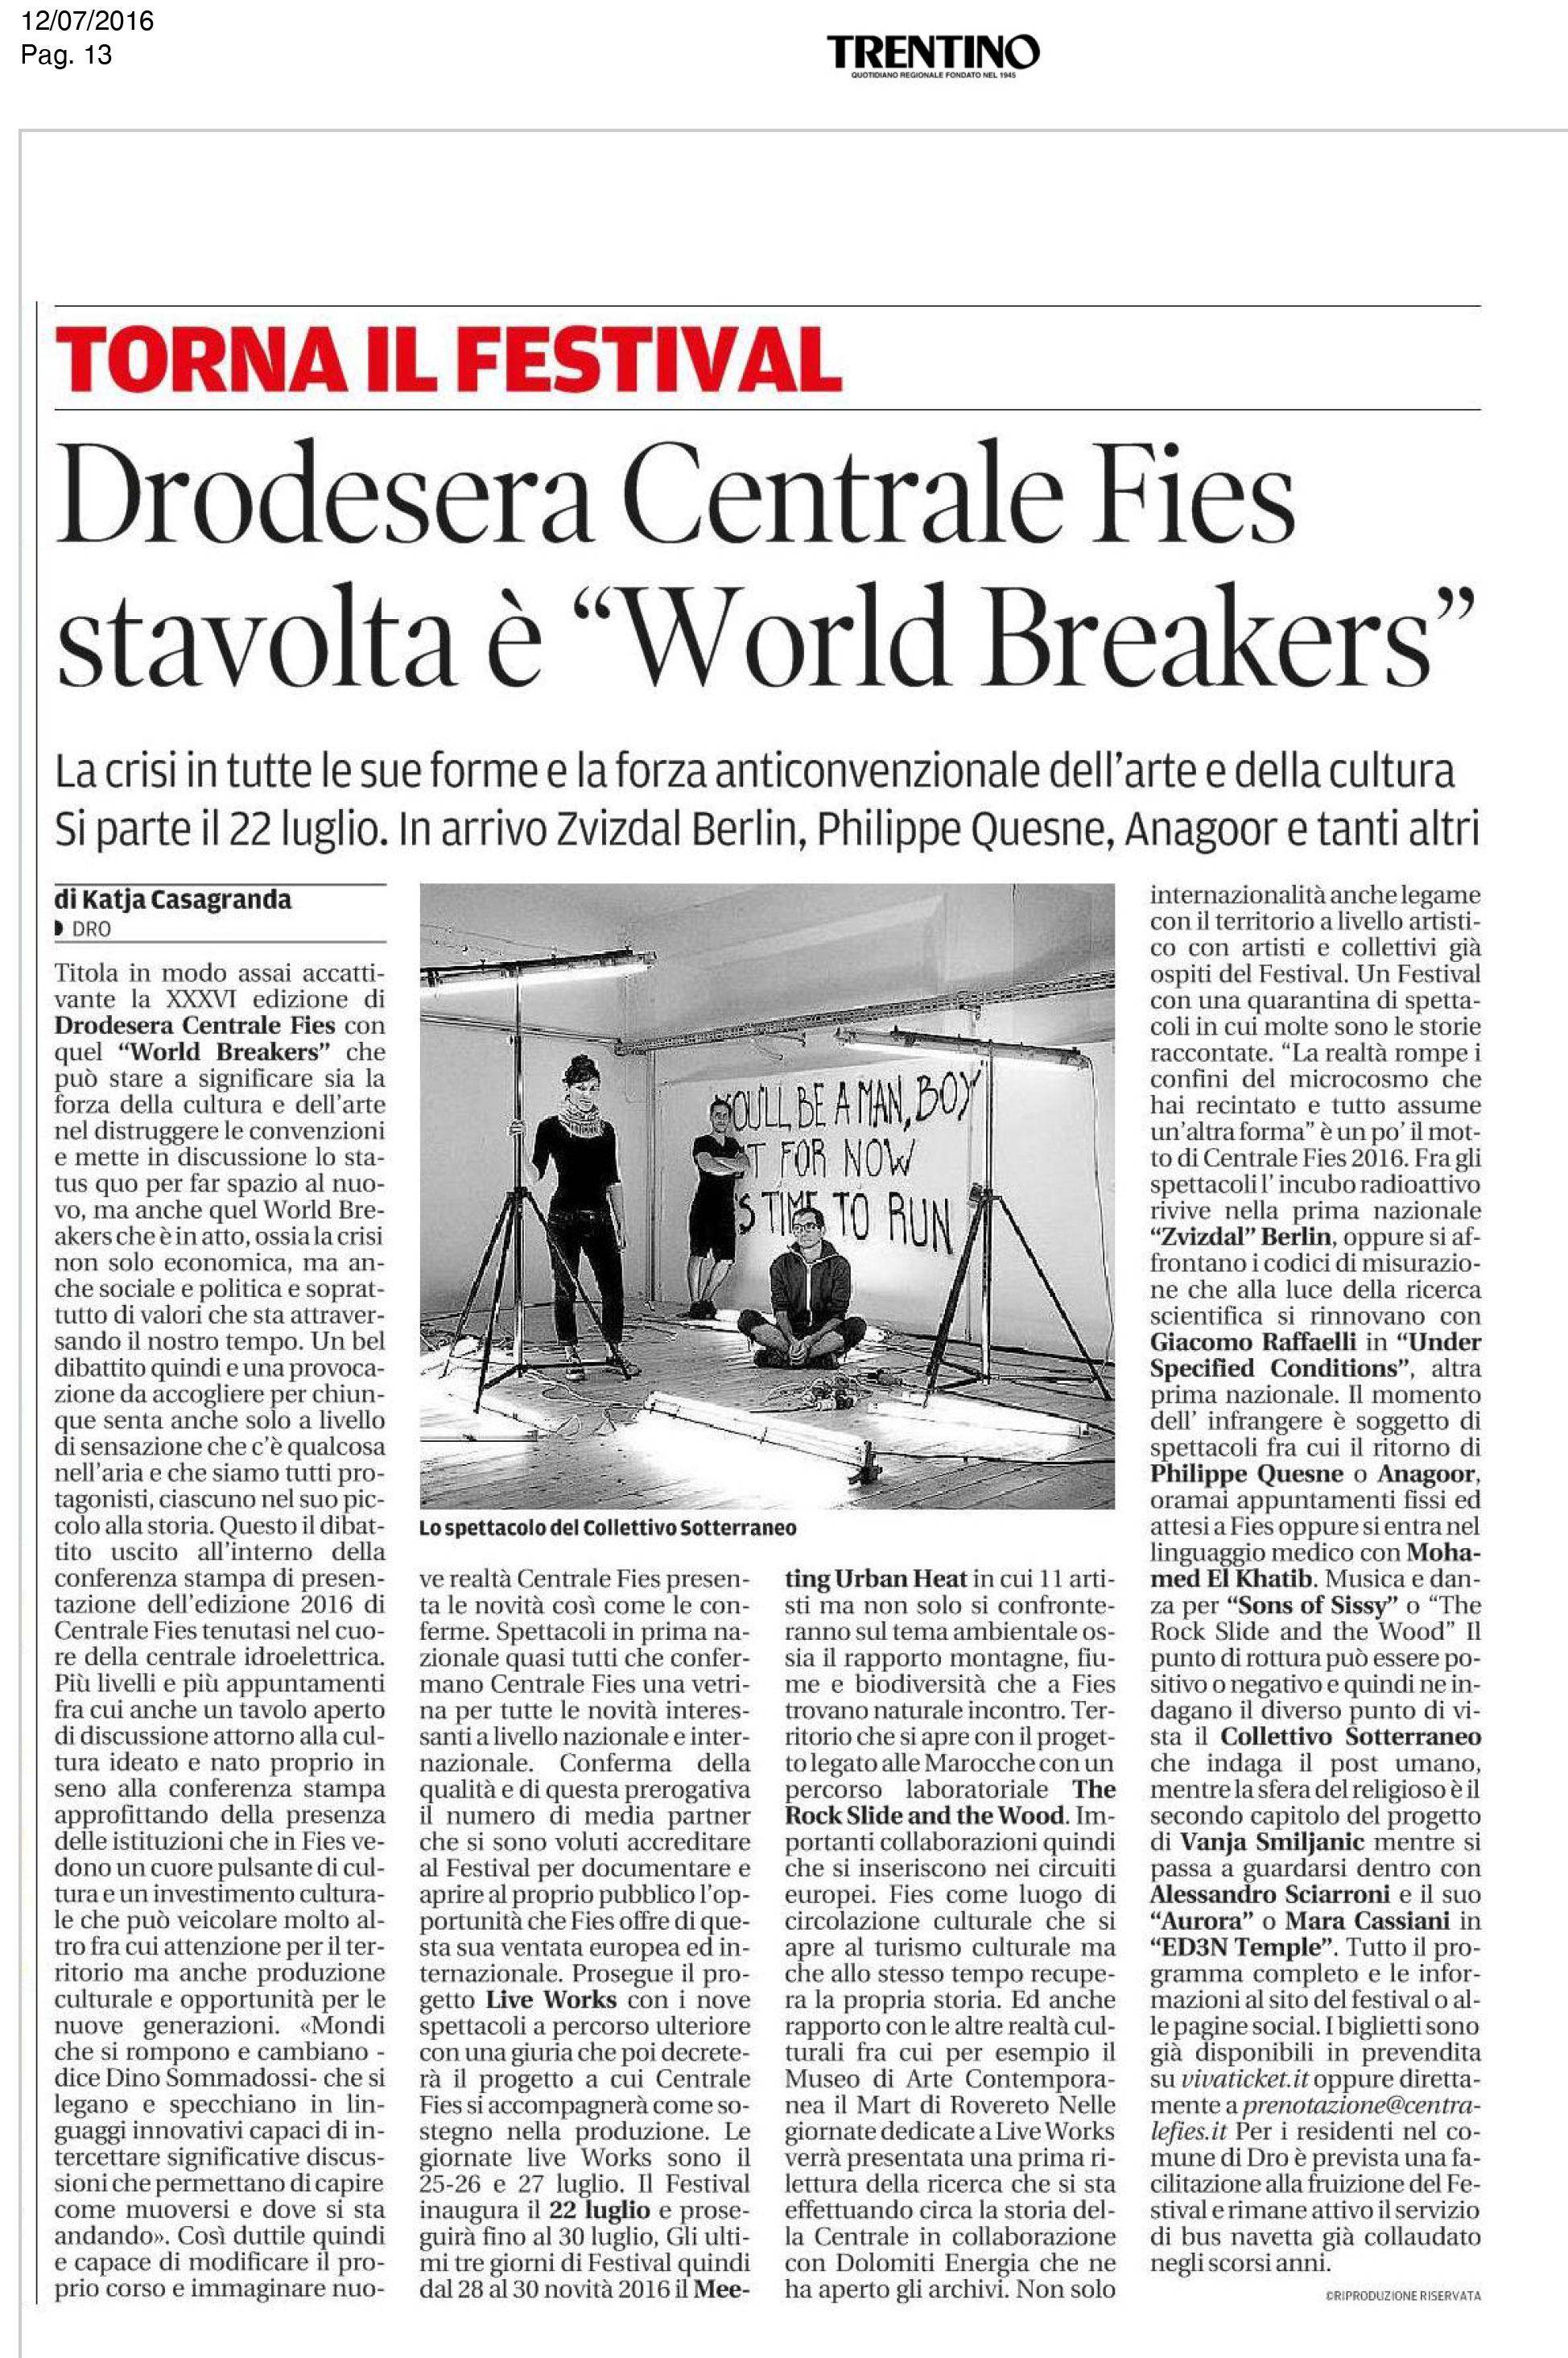 20160712_Drodesera-centrale-fies-stavolta-è-World-Breakers_trentino